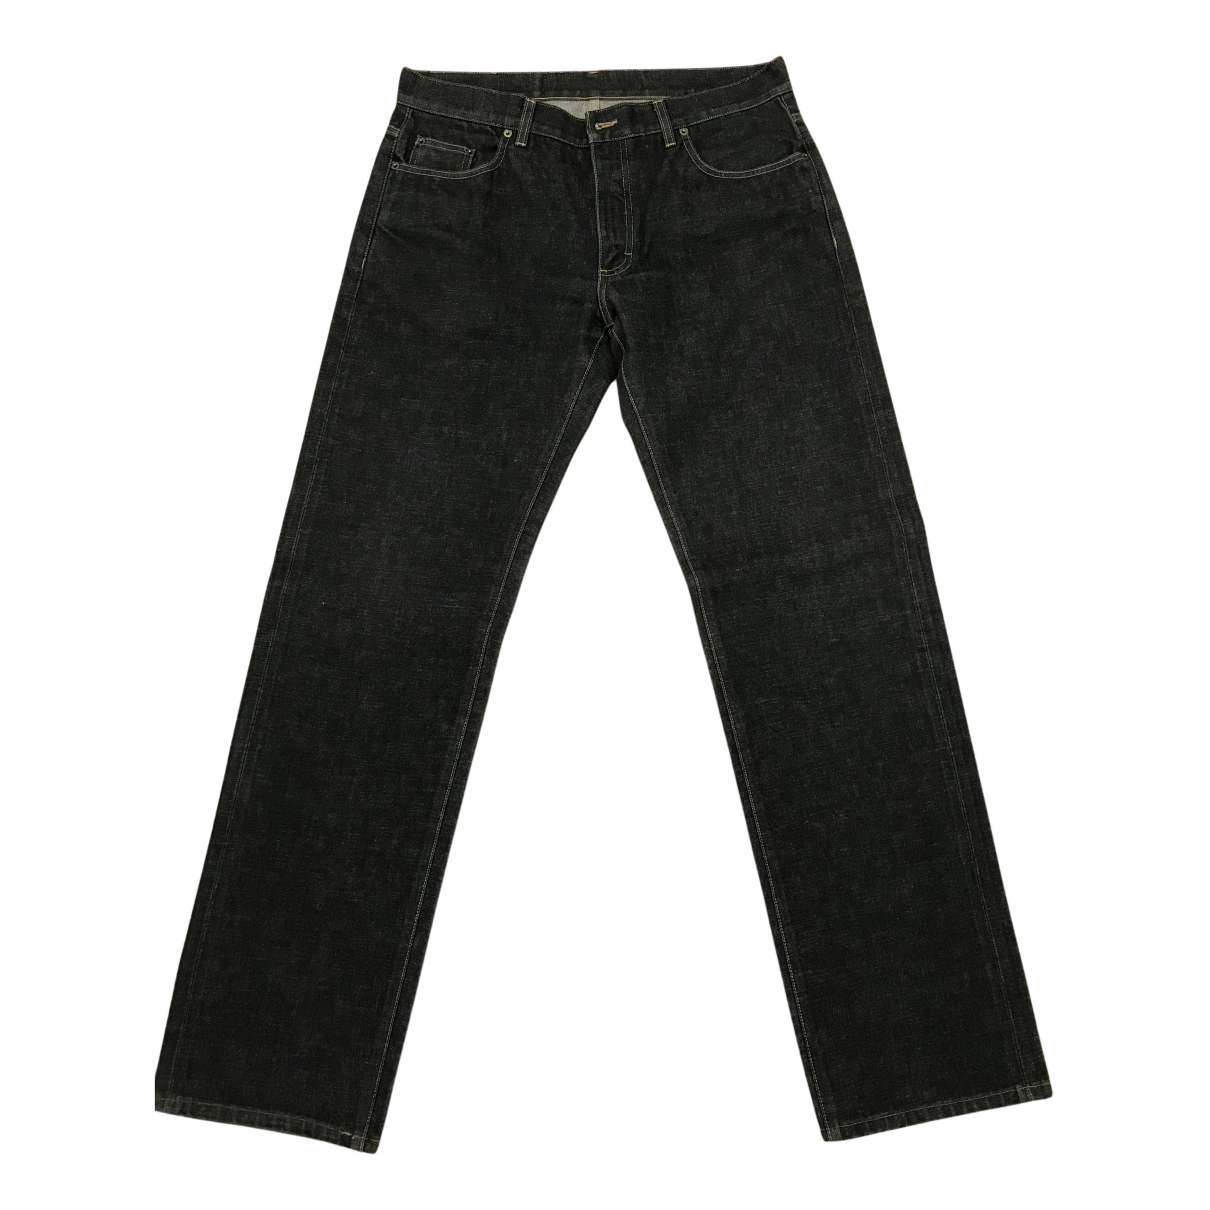 Gucci - Pantalon   pour homme en denim - noir